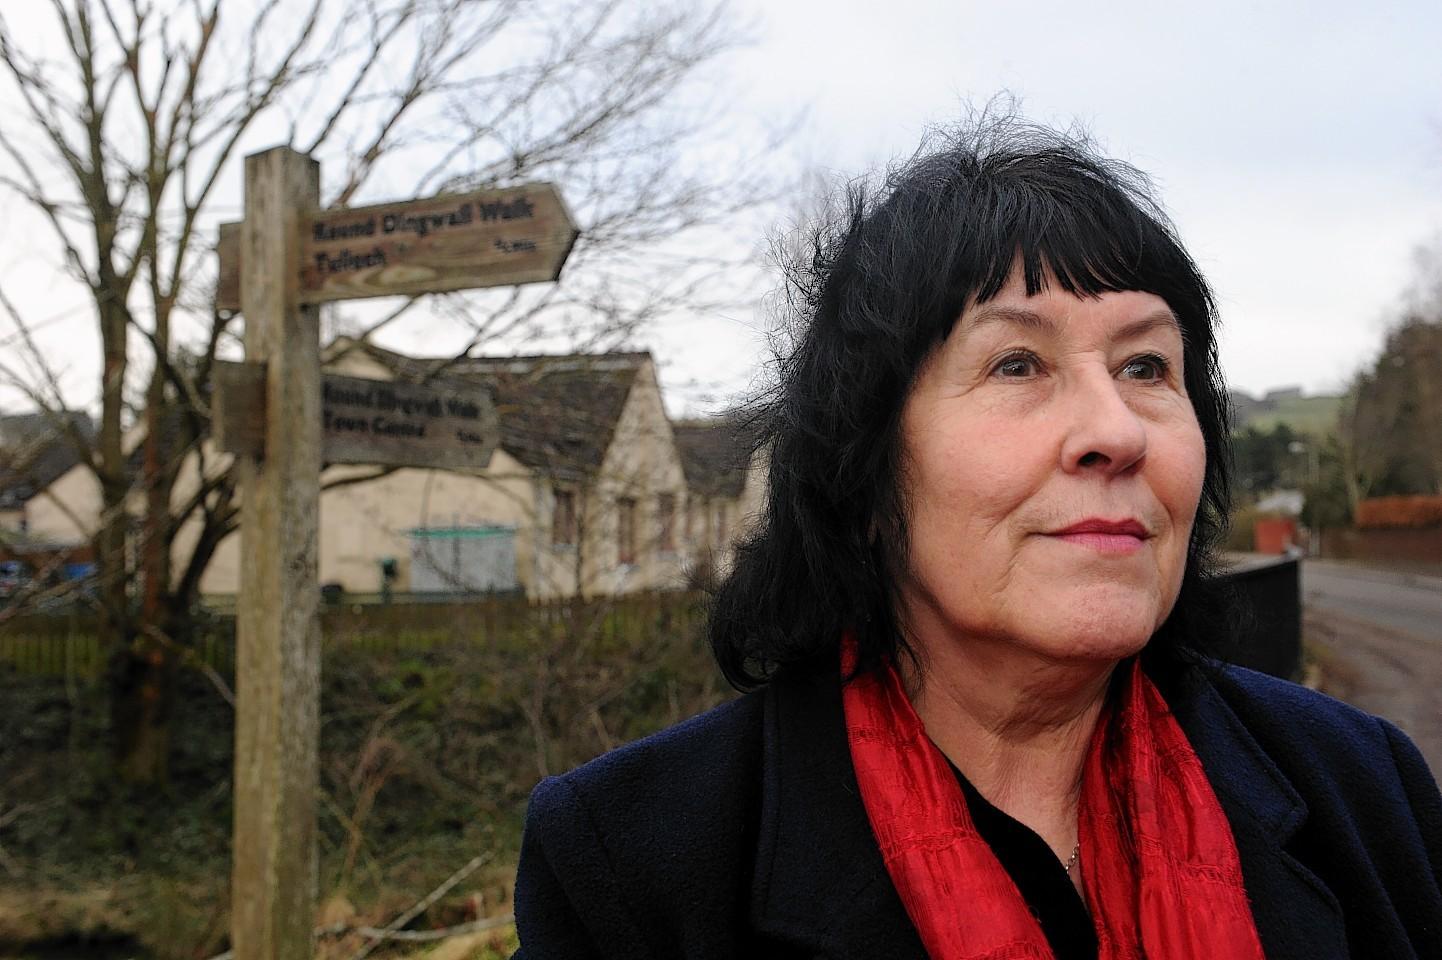 Councillor Margaret Paterson